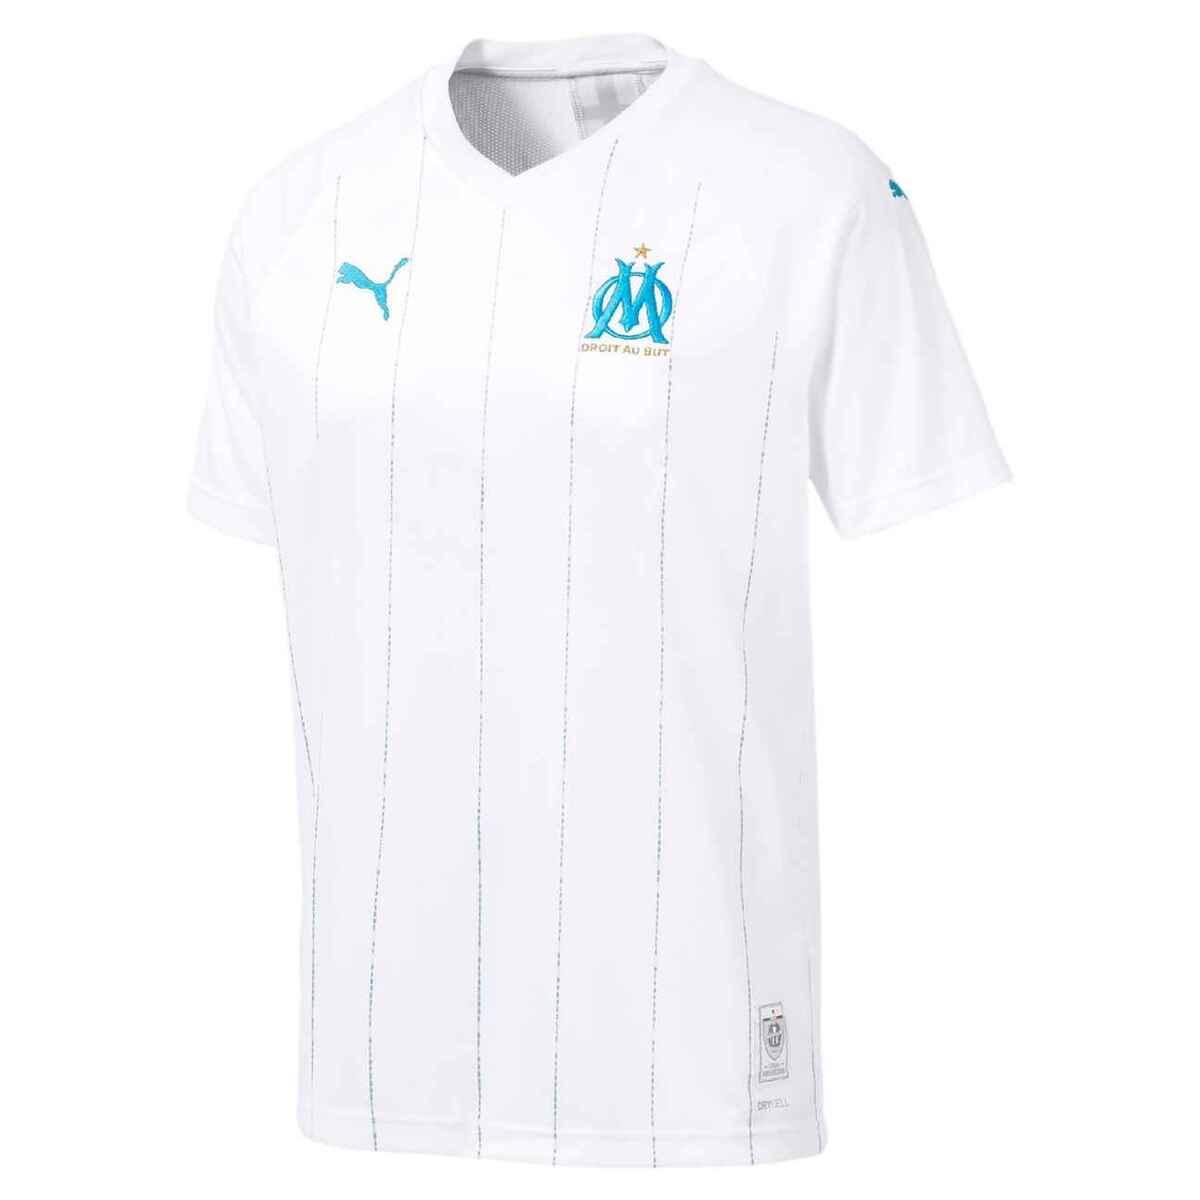 Bild 1 von Fußballtrikot Olympique Marseille Heim 19/20 Erwachsene